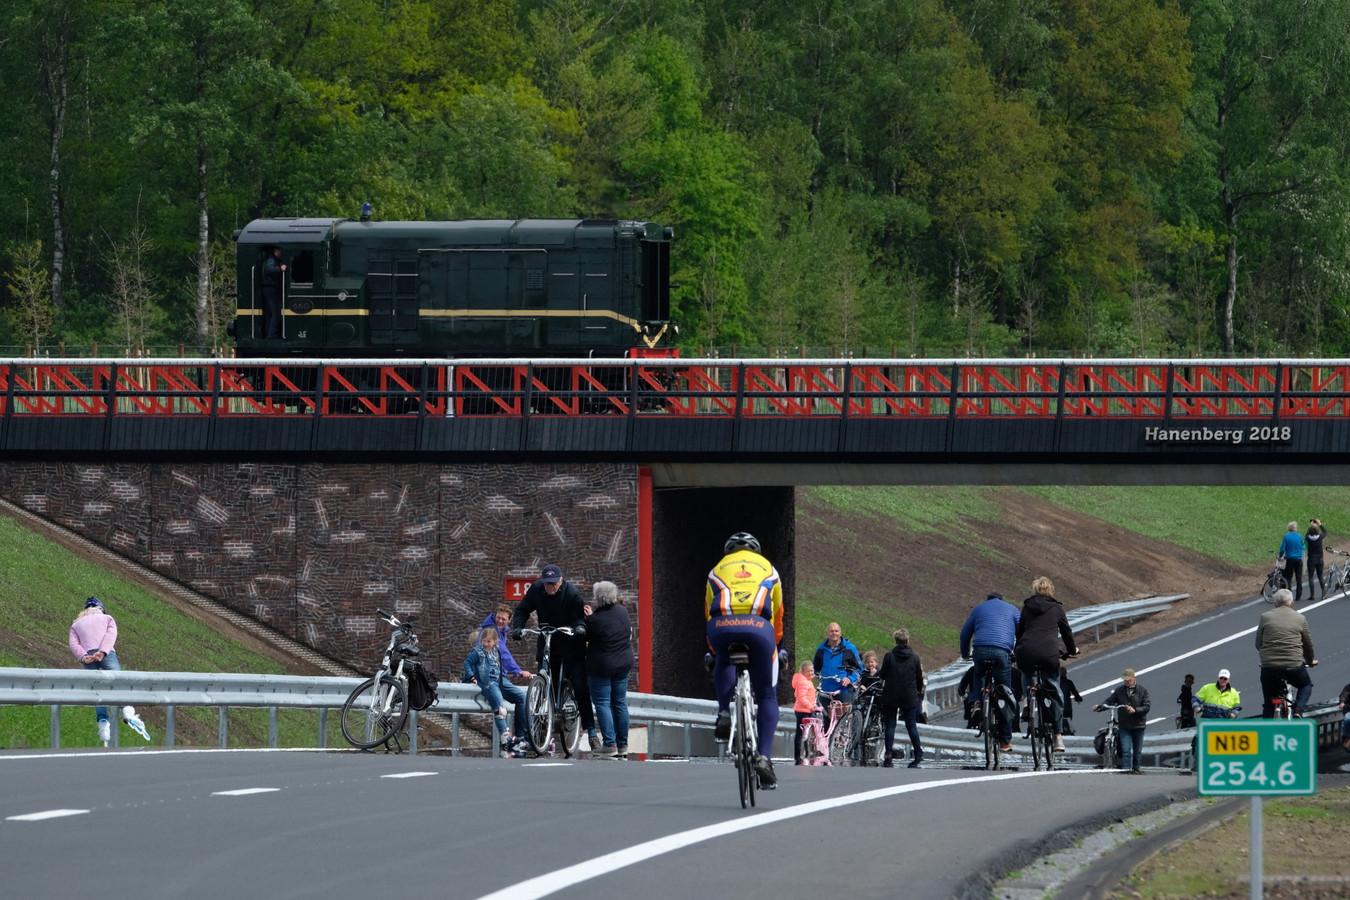 Fietsers, wandelaars en skaters maken gebruik van de N18. Op het viaduct een trein van de MBS.